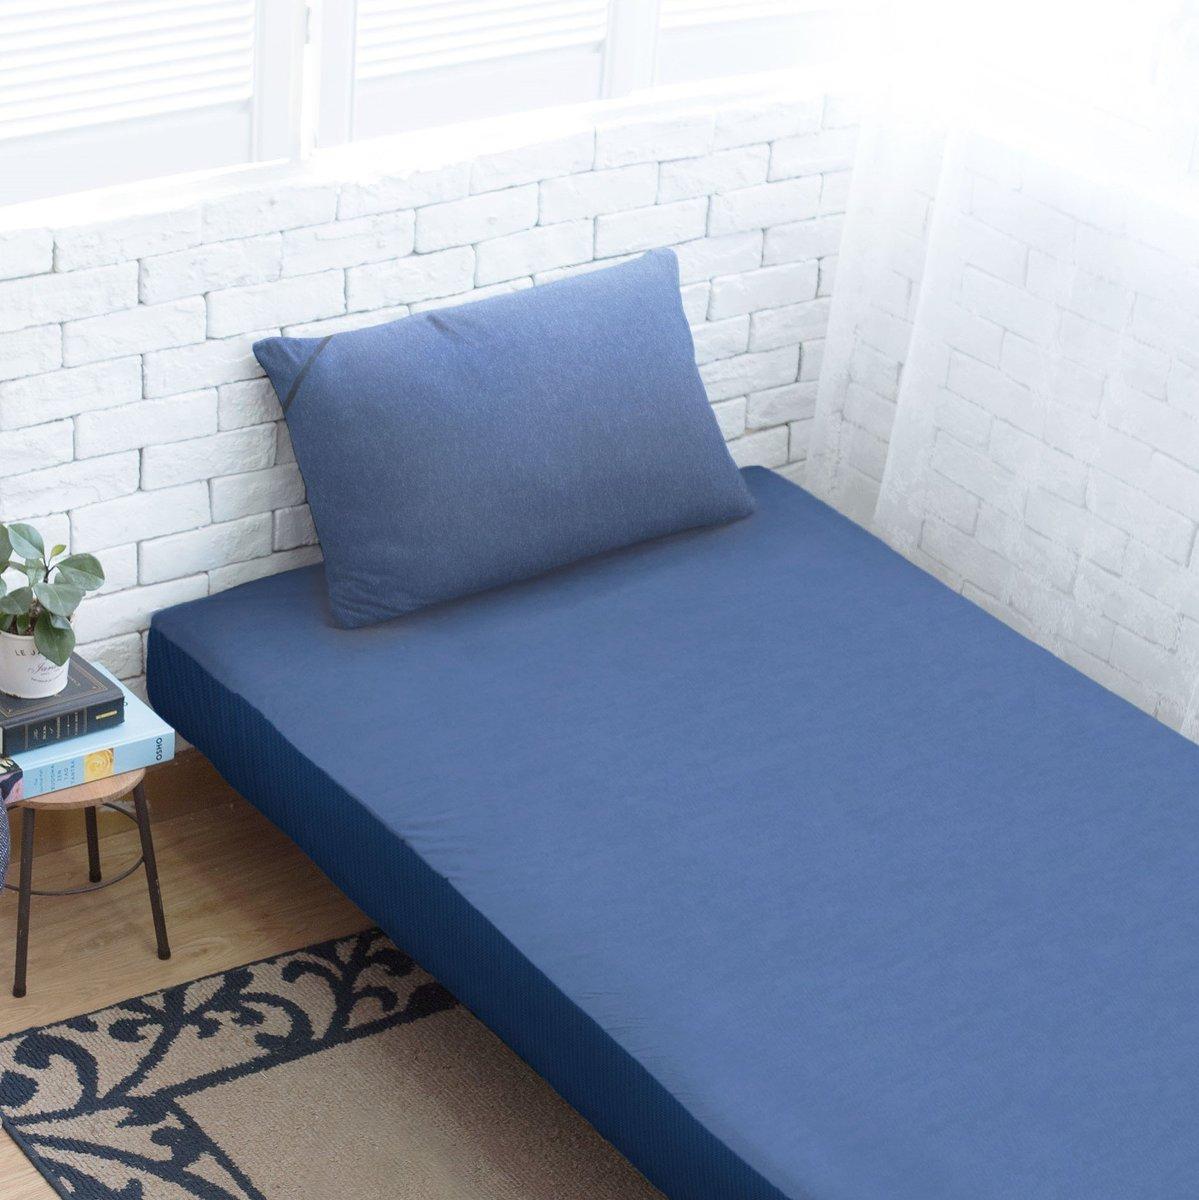 全棉針織床笠+枕袋 - 深寶藍